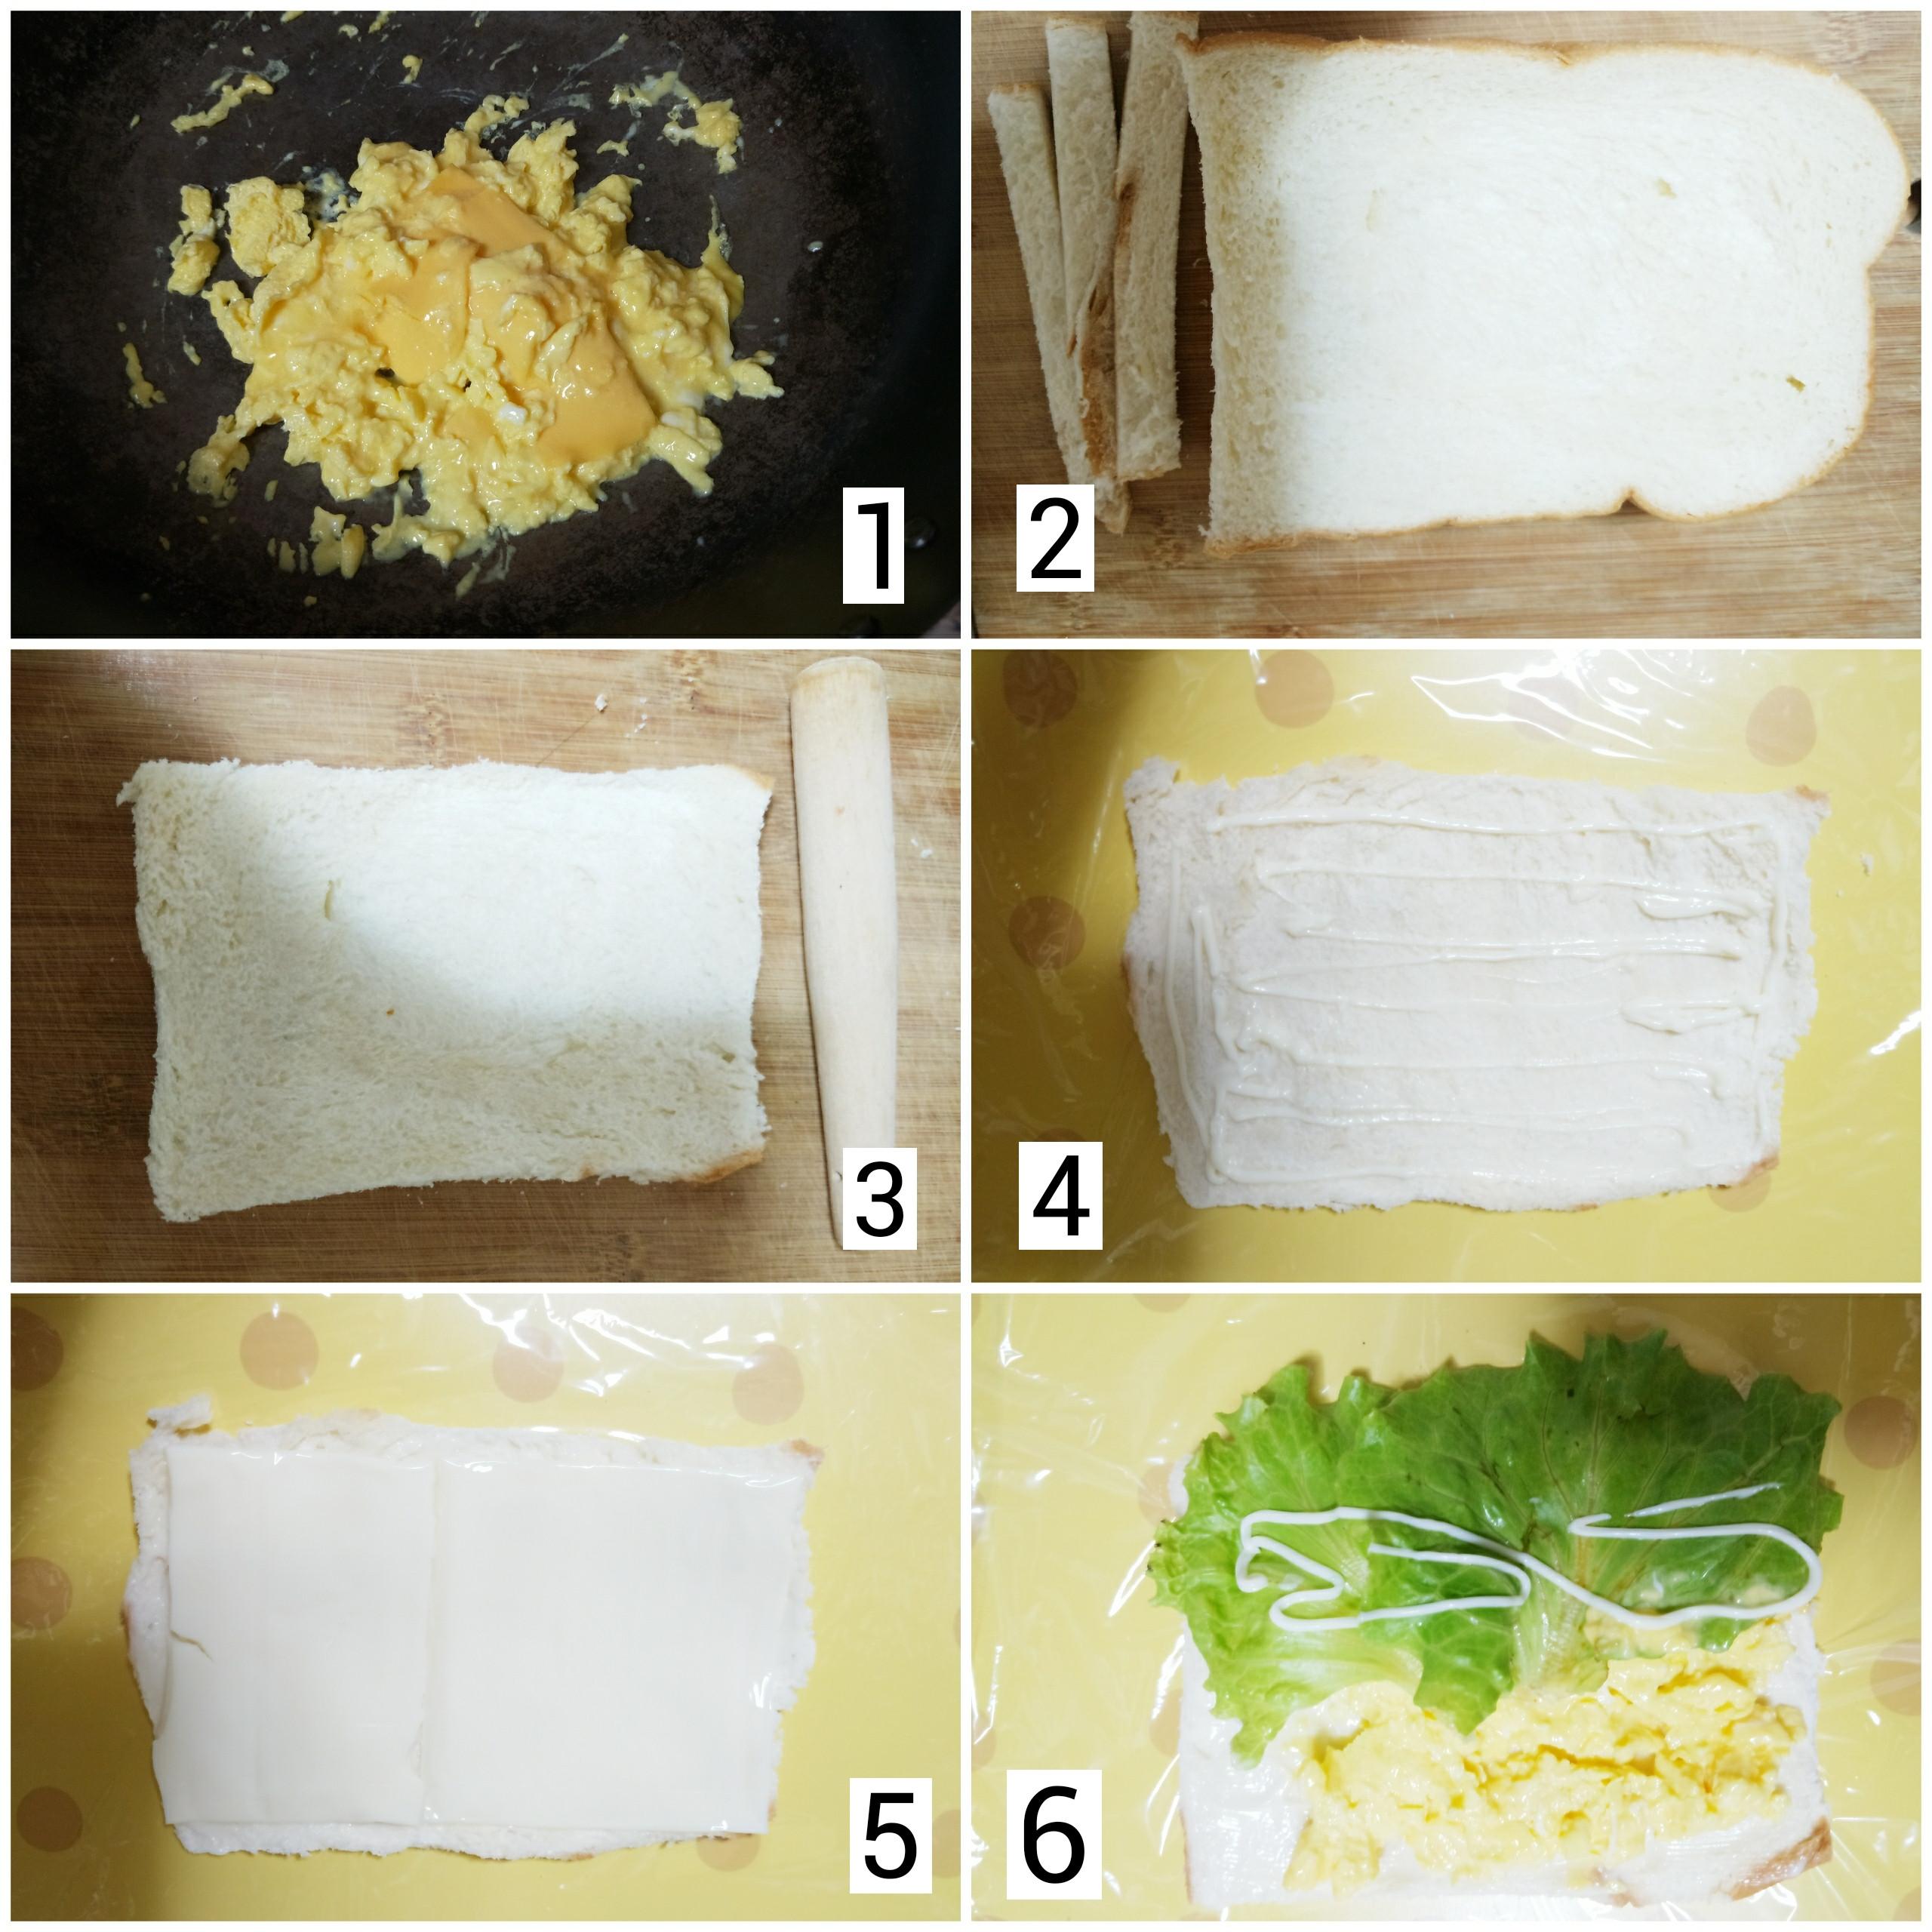 一週風味早餐就醬拌【桂冠風味沙拉開箱文】的第 12 張圖片